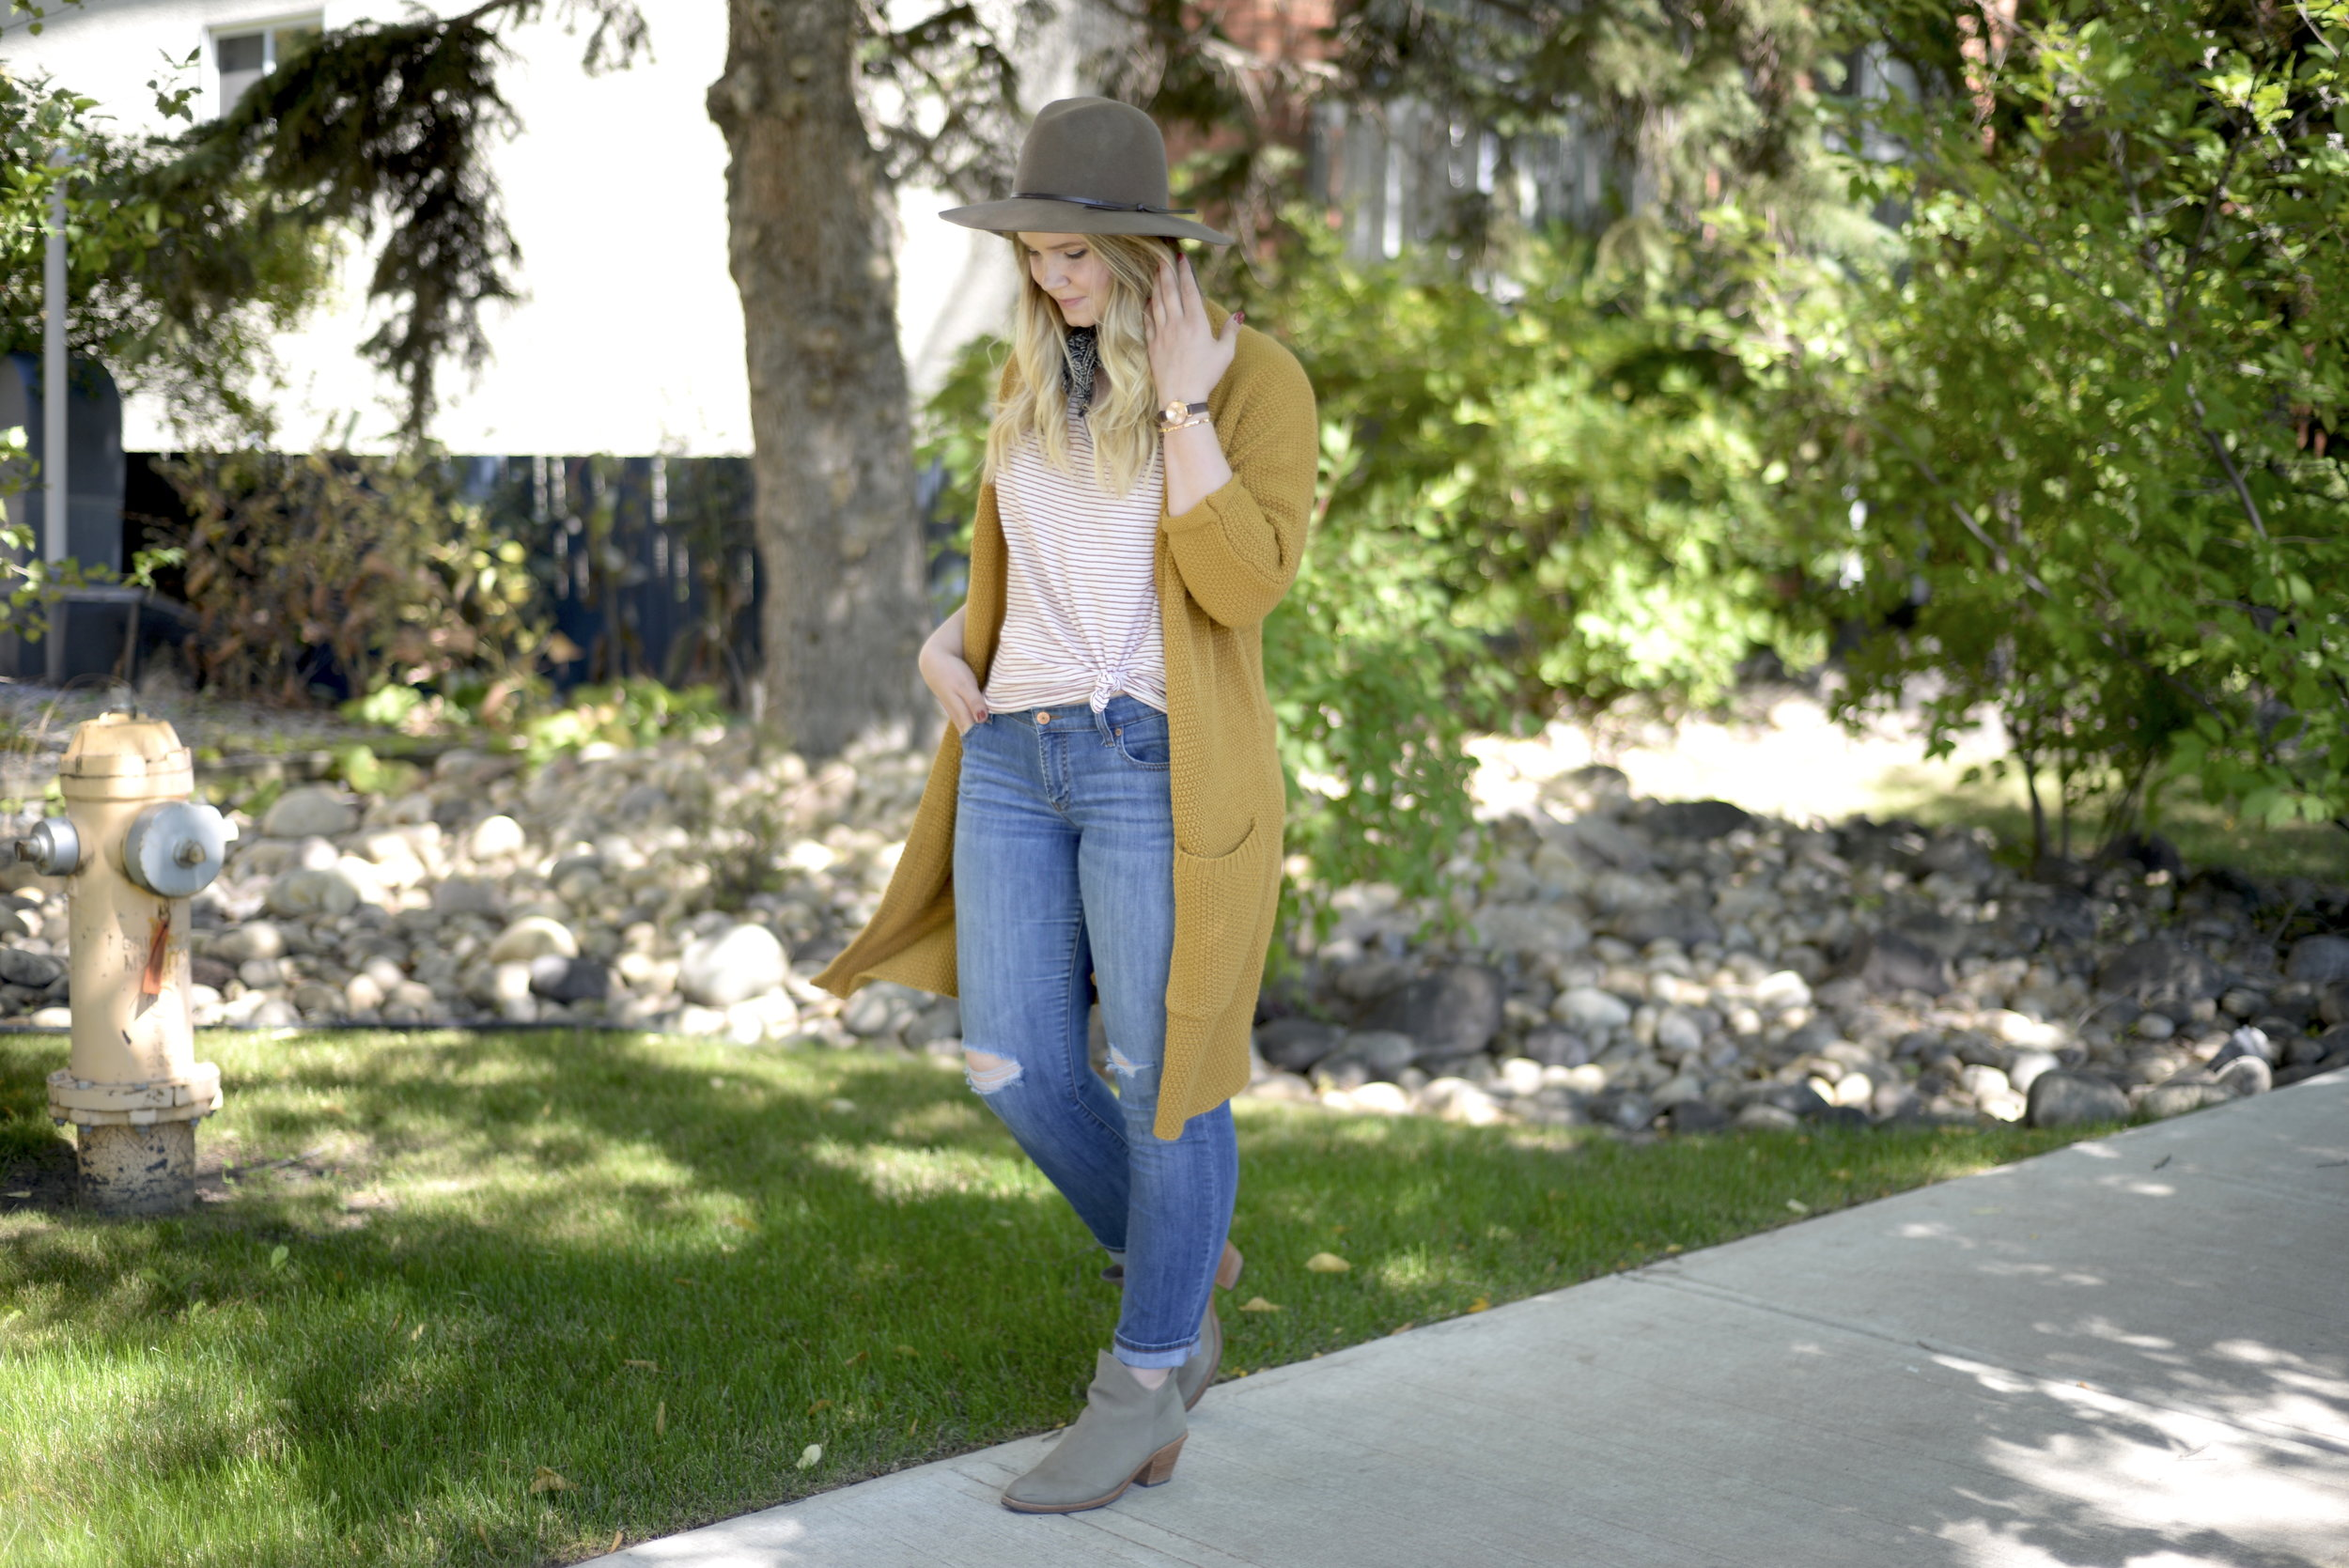 mustard color cardigan